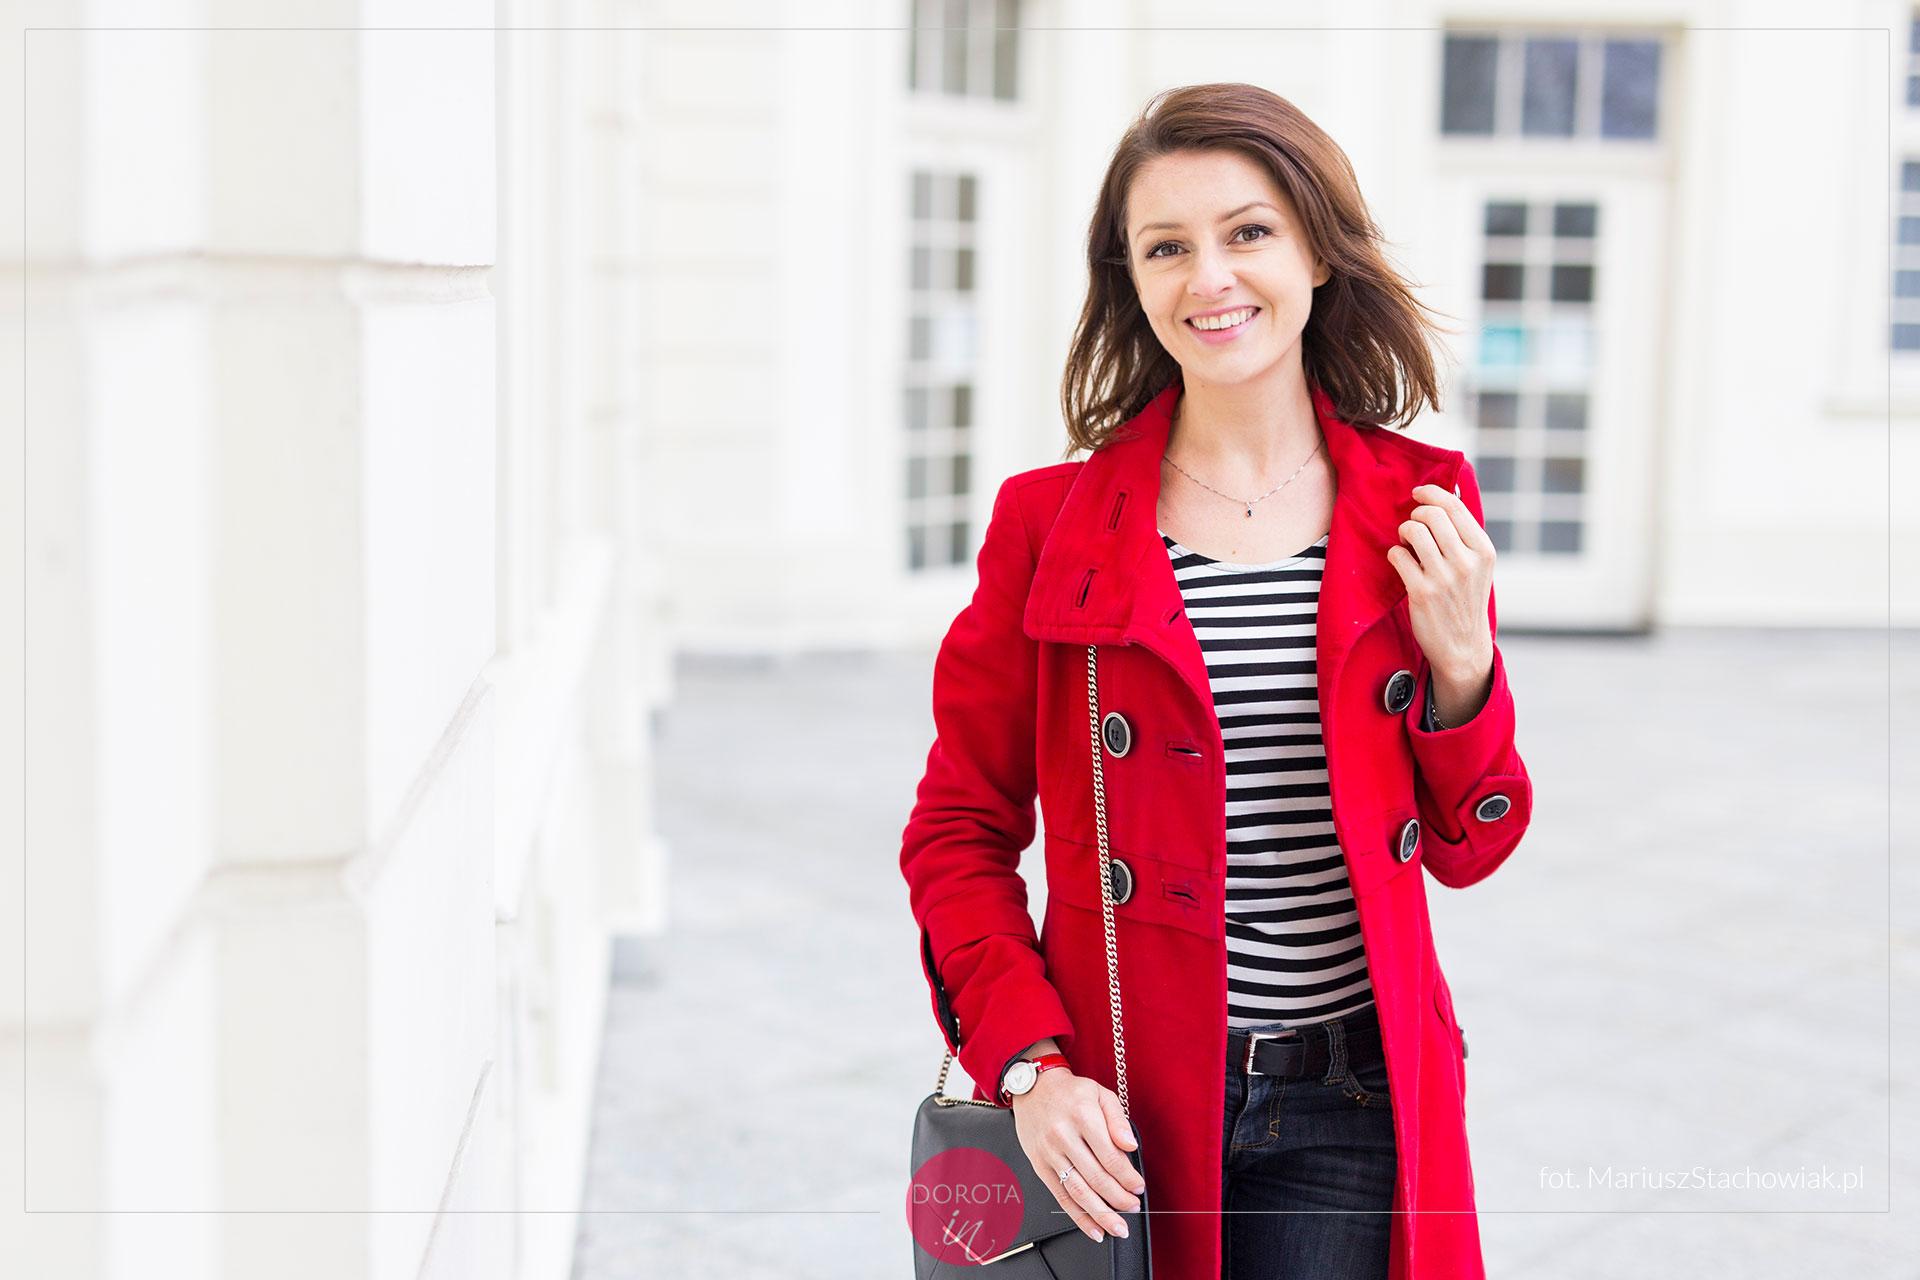 Czerwony płaszcz bluzka w paski - stylizacja